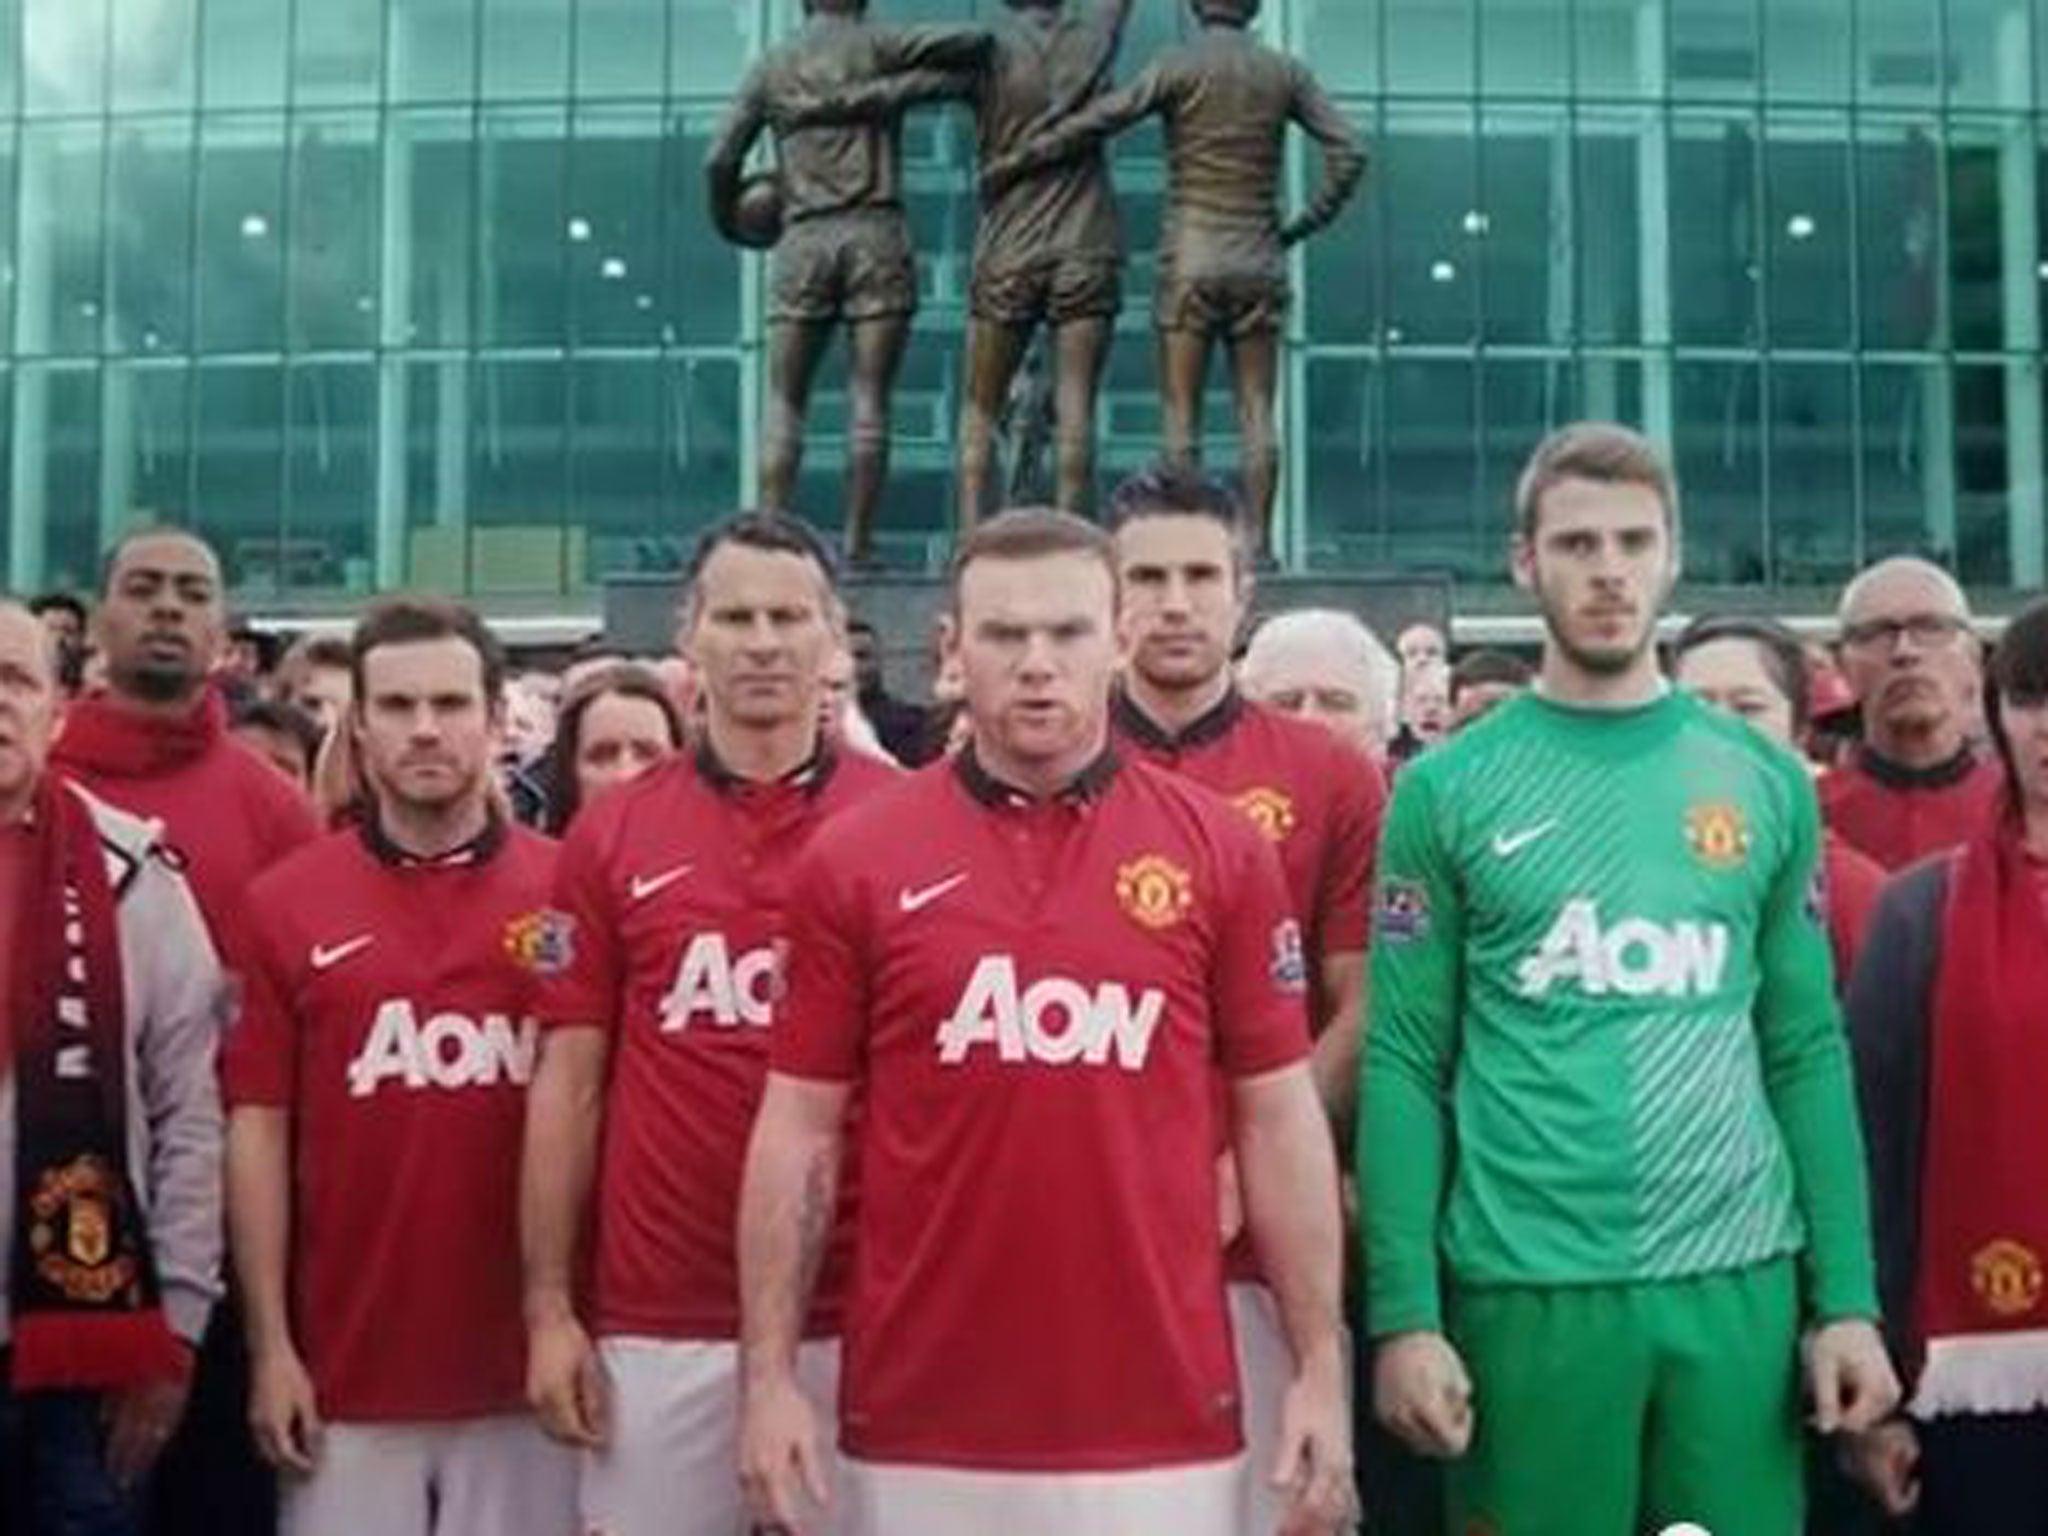 Manchester United new kit New sponsor Chevrolet release teaser